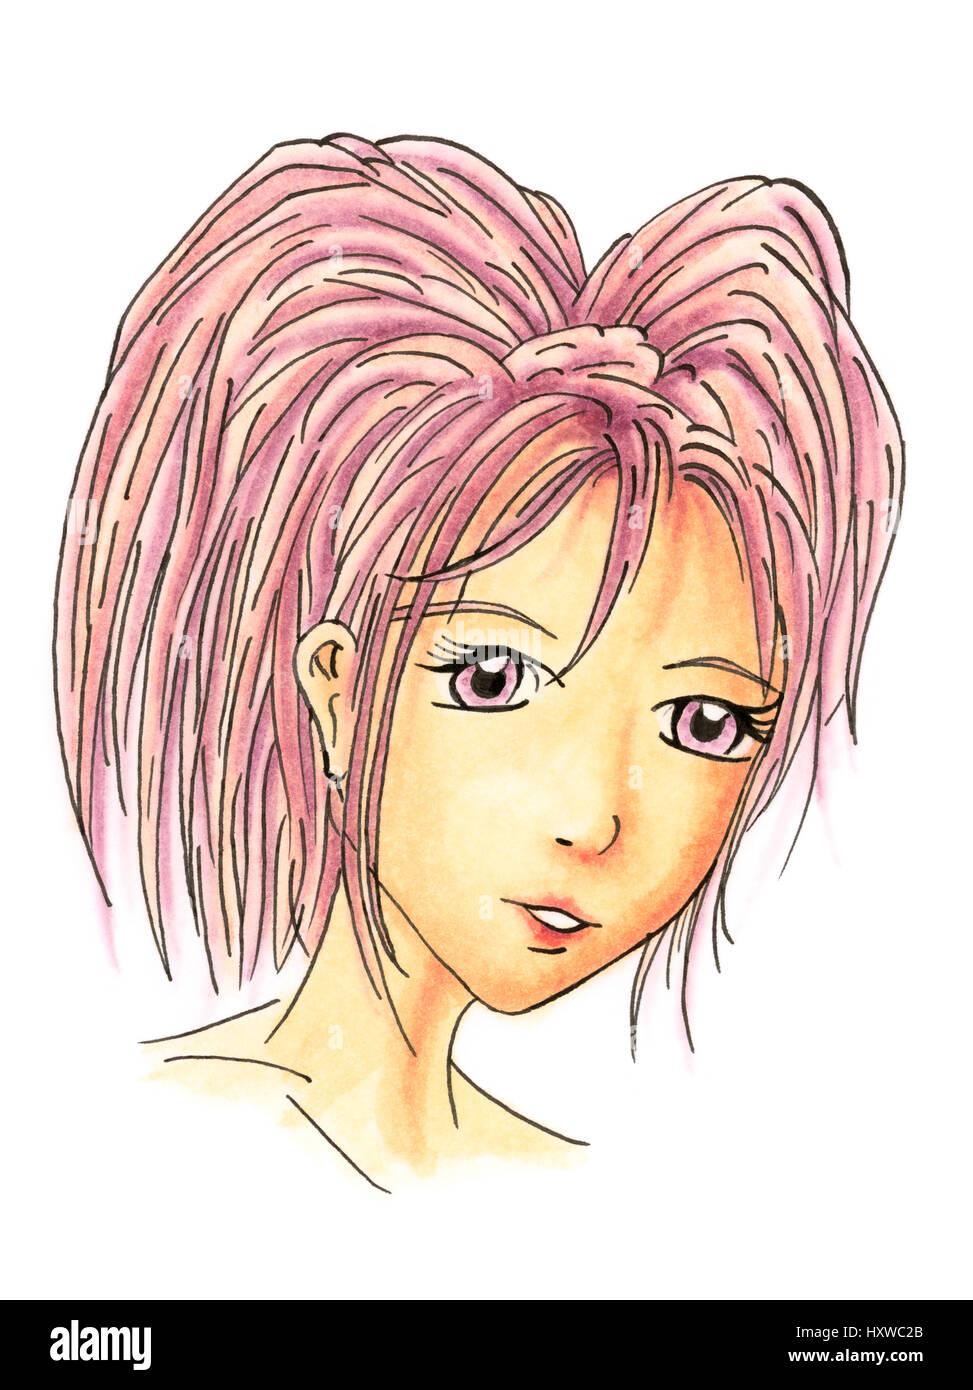 Manga Style On White Paper Drawing Photos Manga Style On